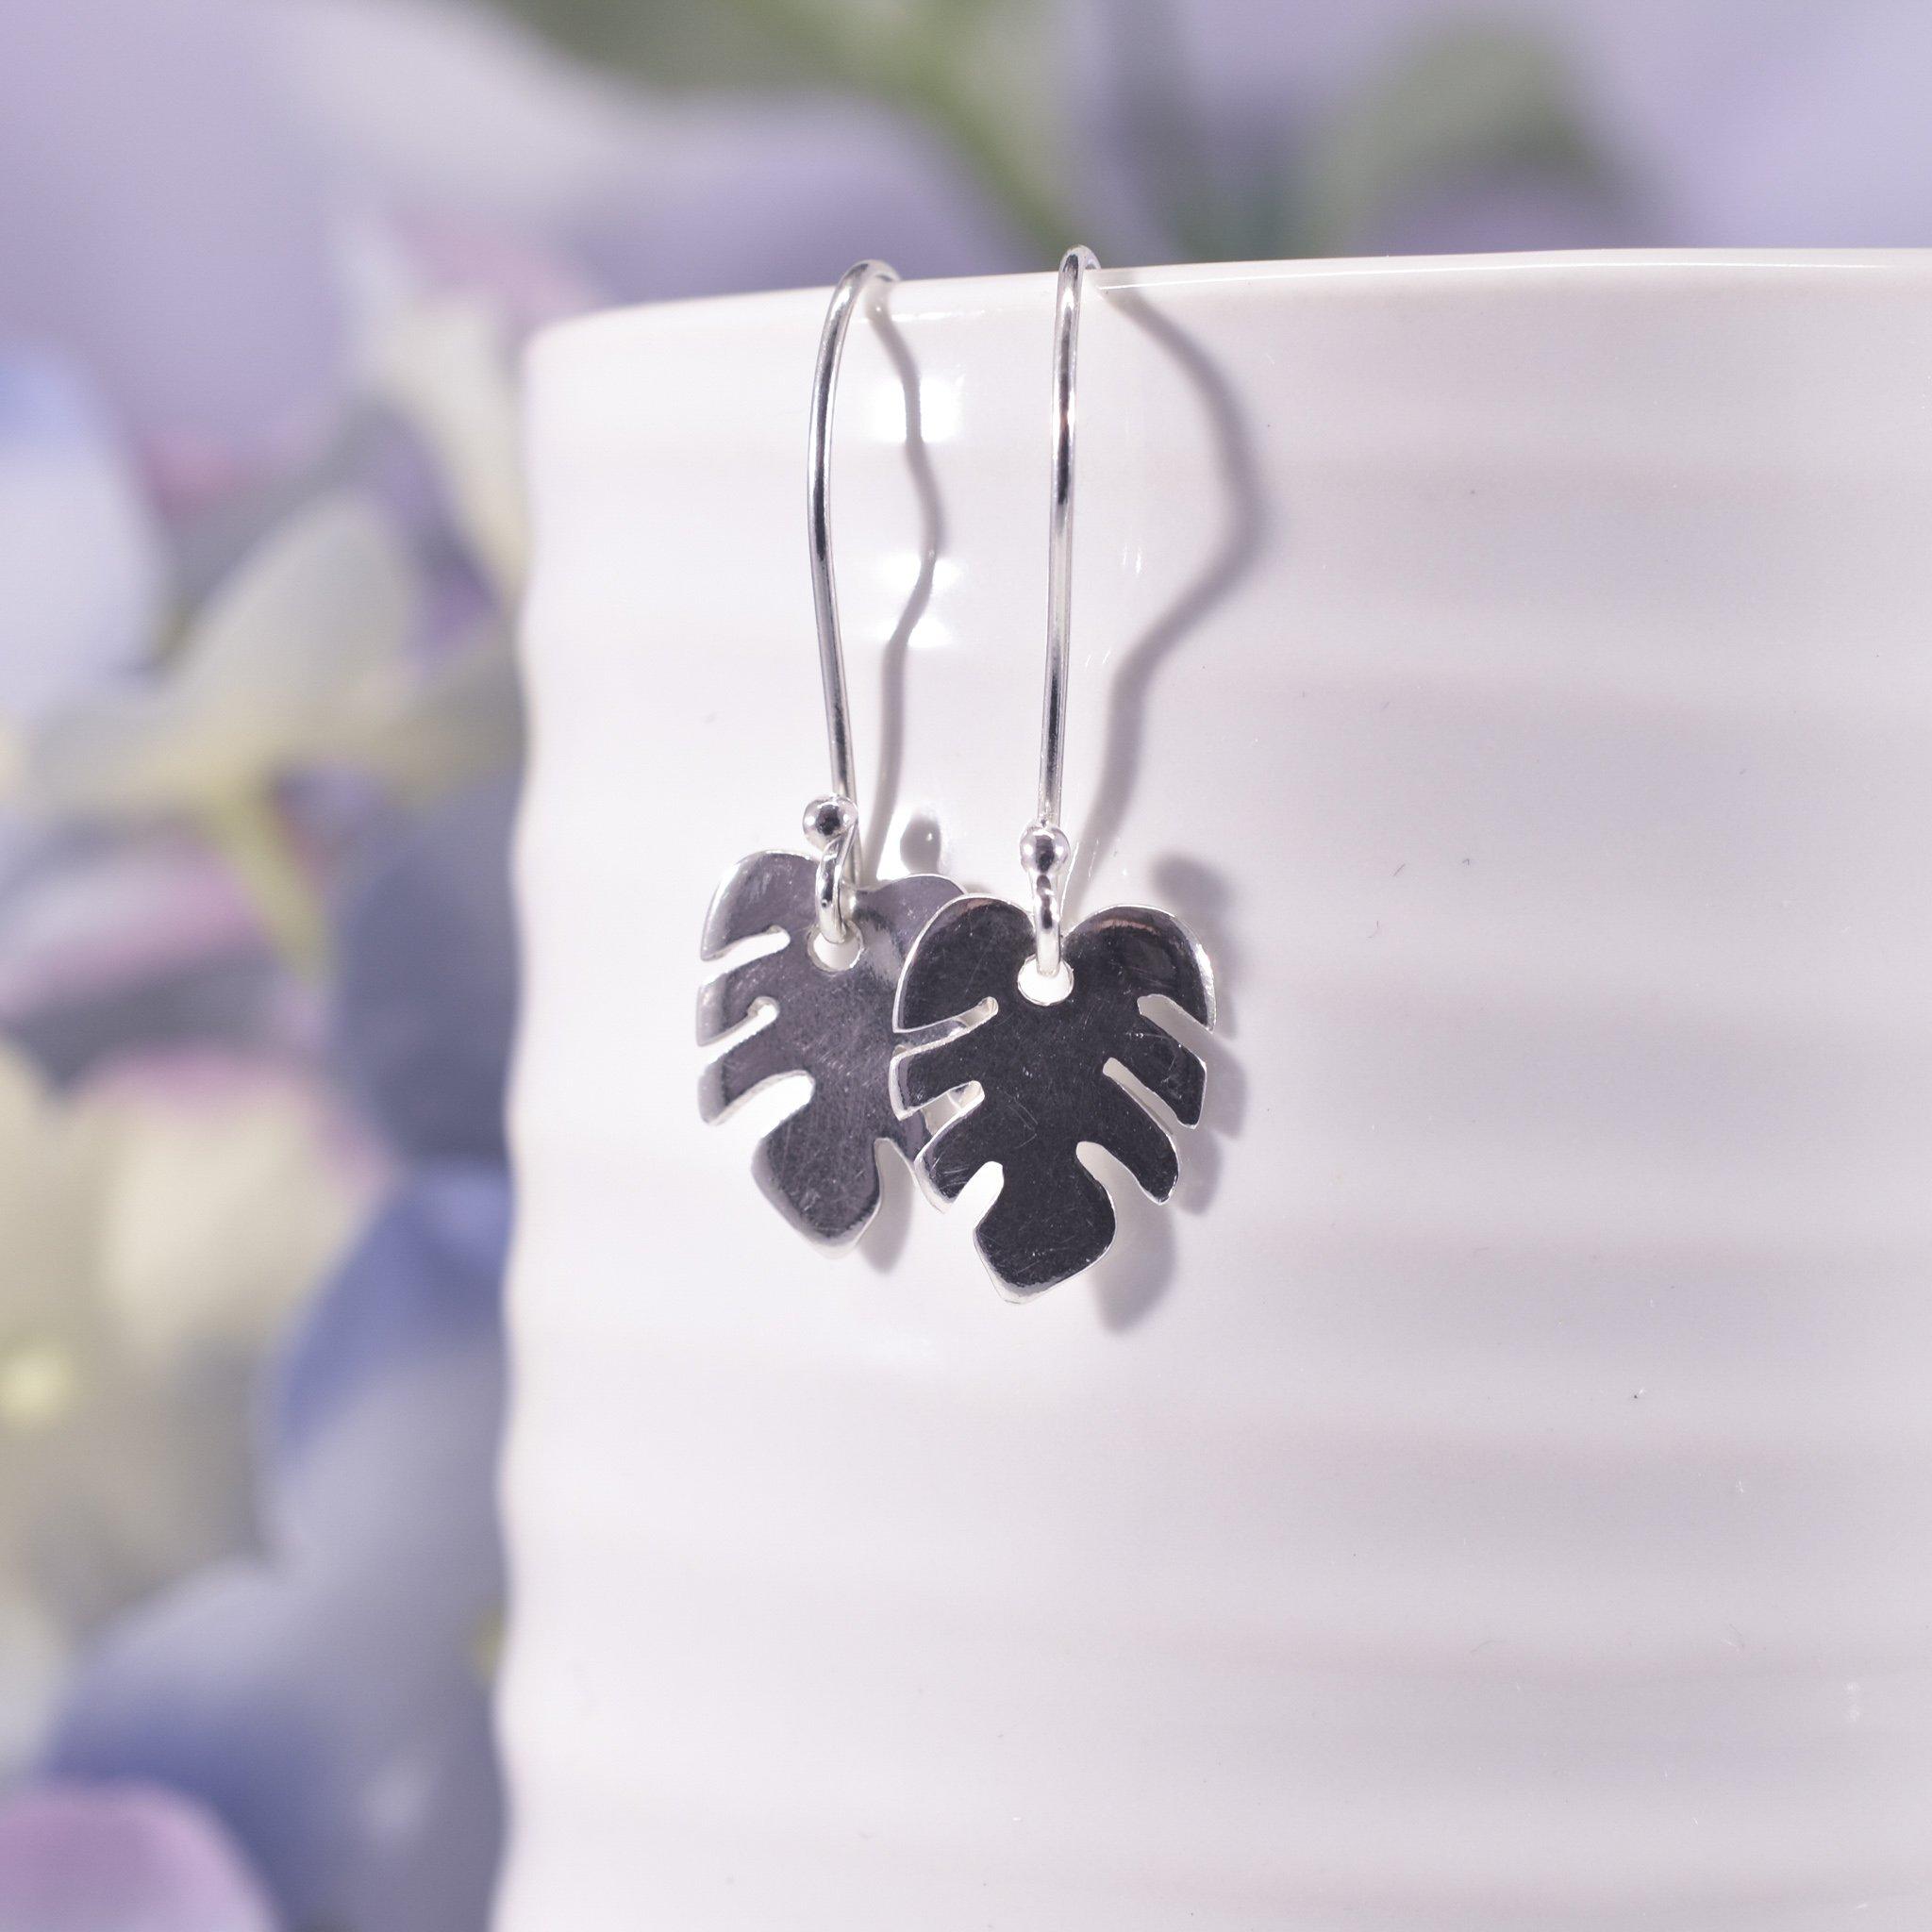 Handmade Sterling Silver Monstera Leaf Drop Earrings